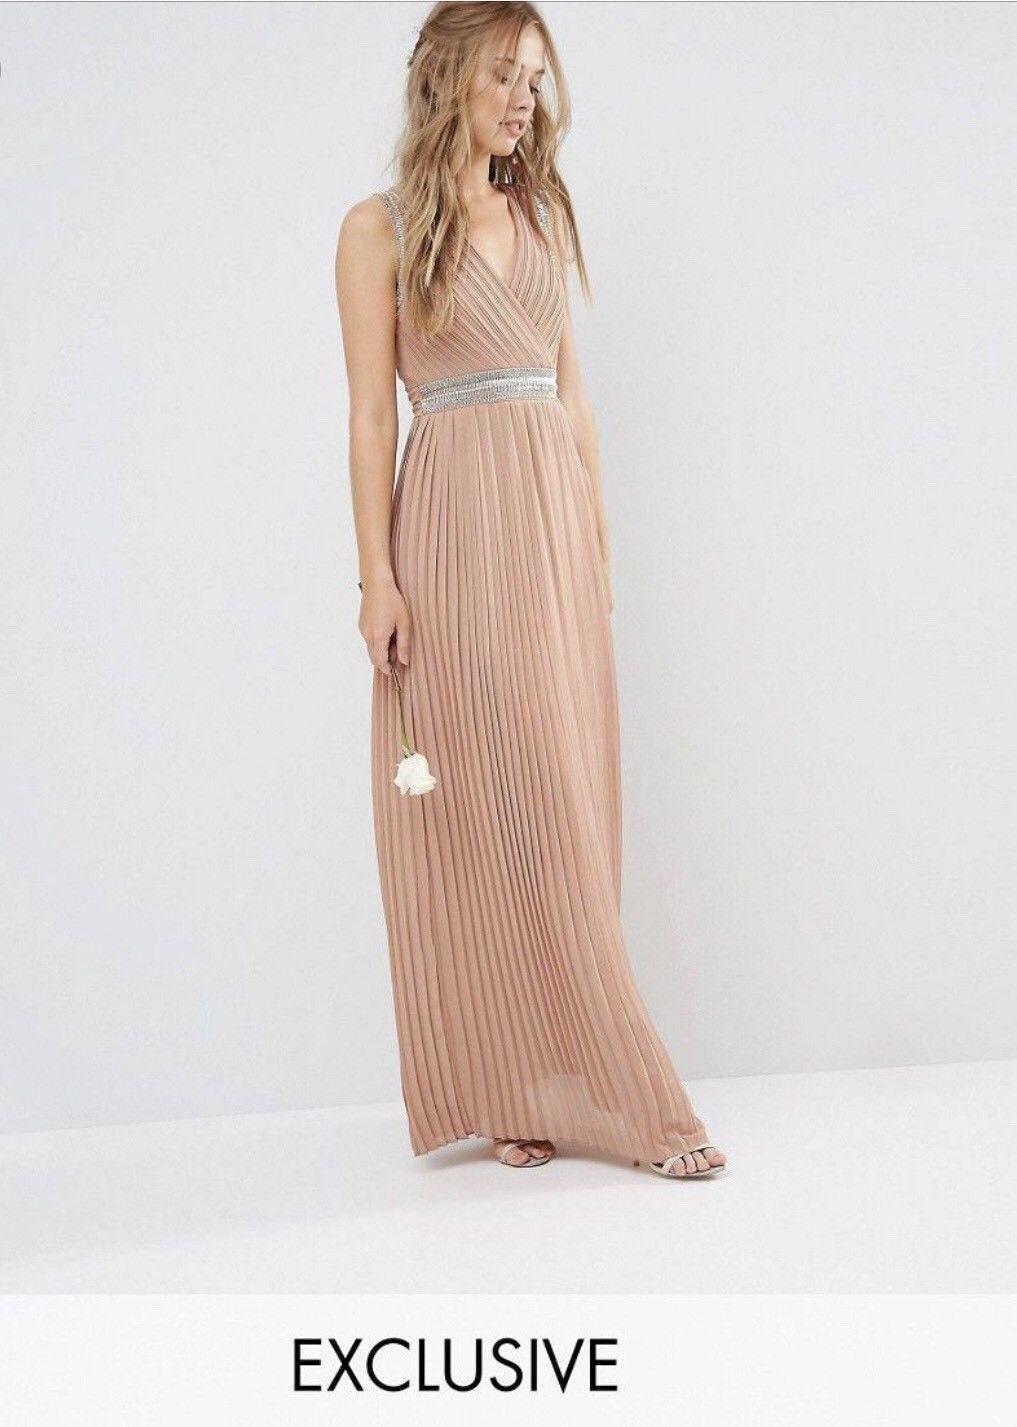 Tfnc asos pleated embellished maxi dress uk xs womenus fashion